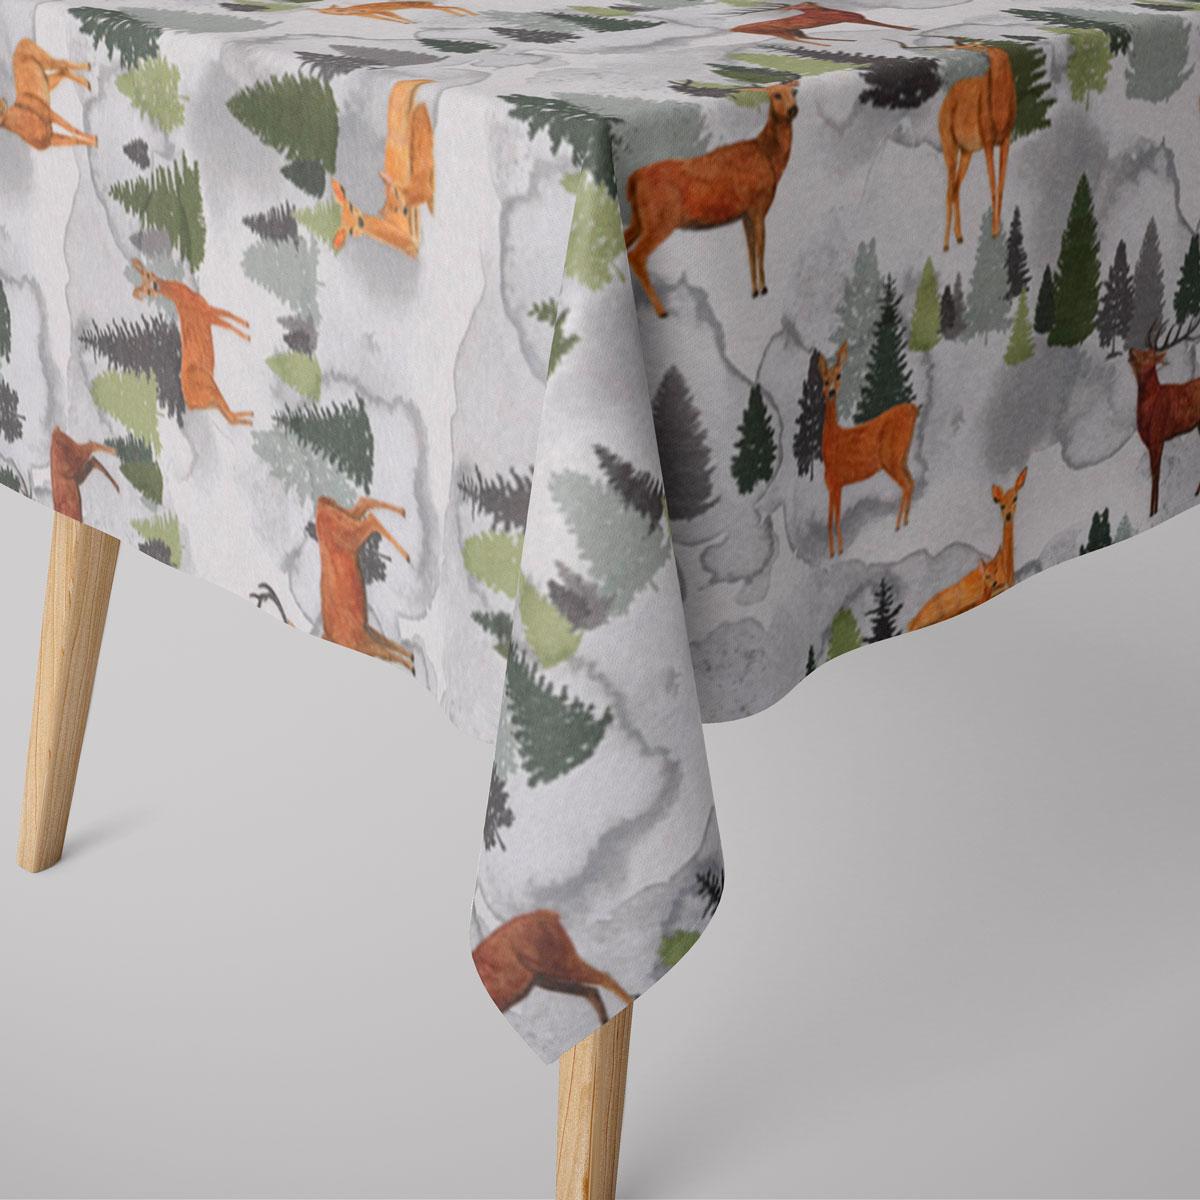 SCHÖNER LEBEN. Tischdecke Andia Hirsche Rehe Tannenbäume weiß grün braun verschiedene Größen